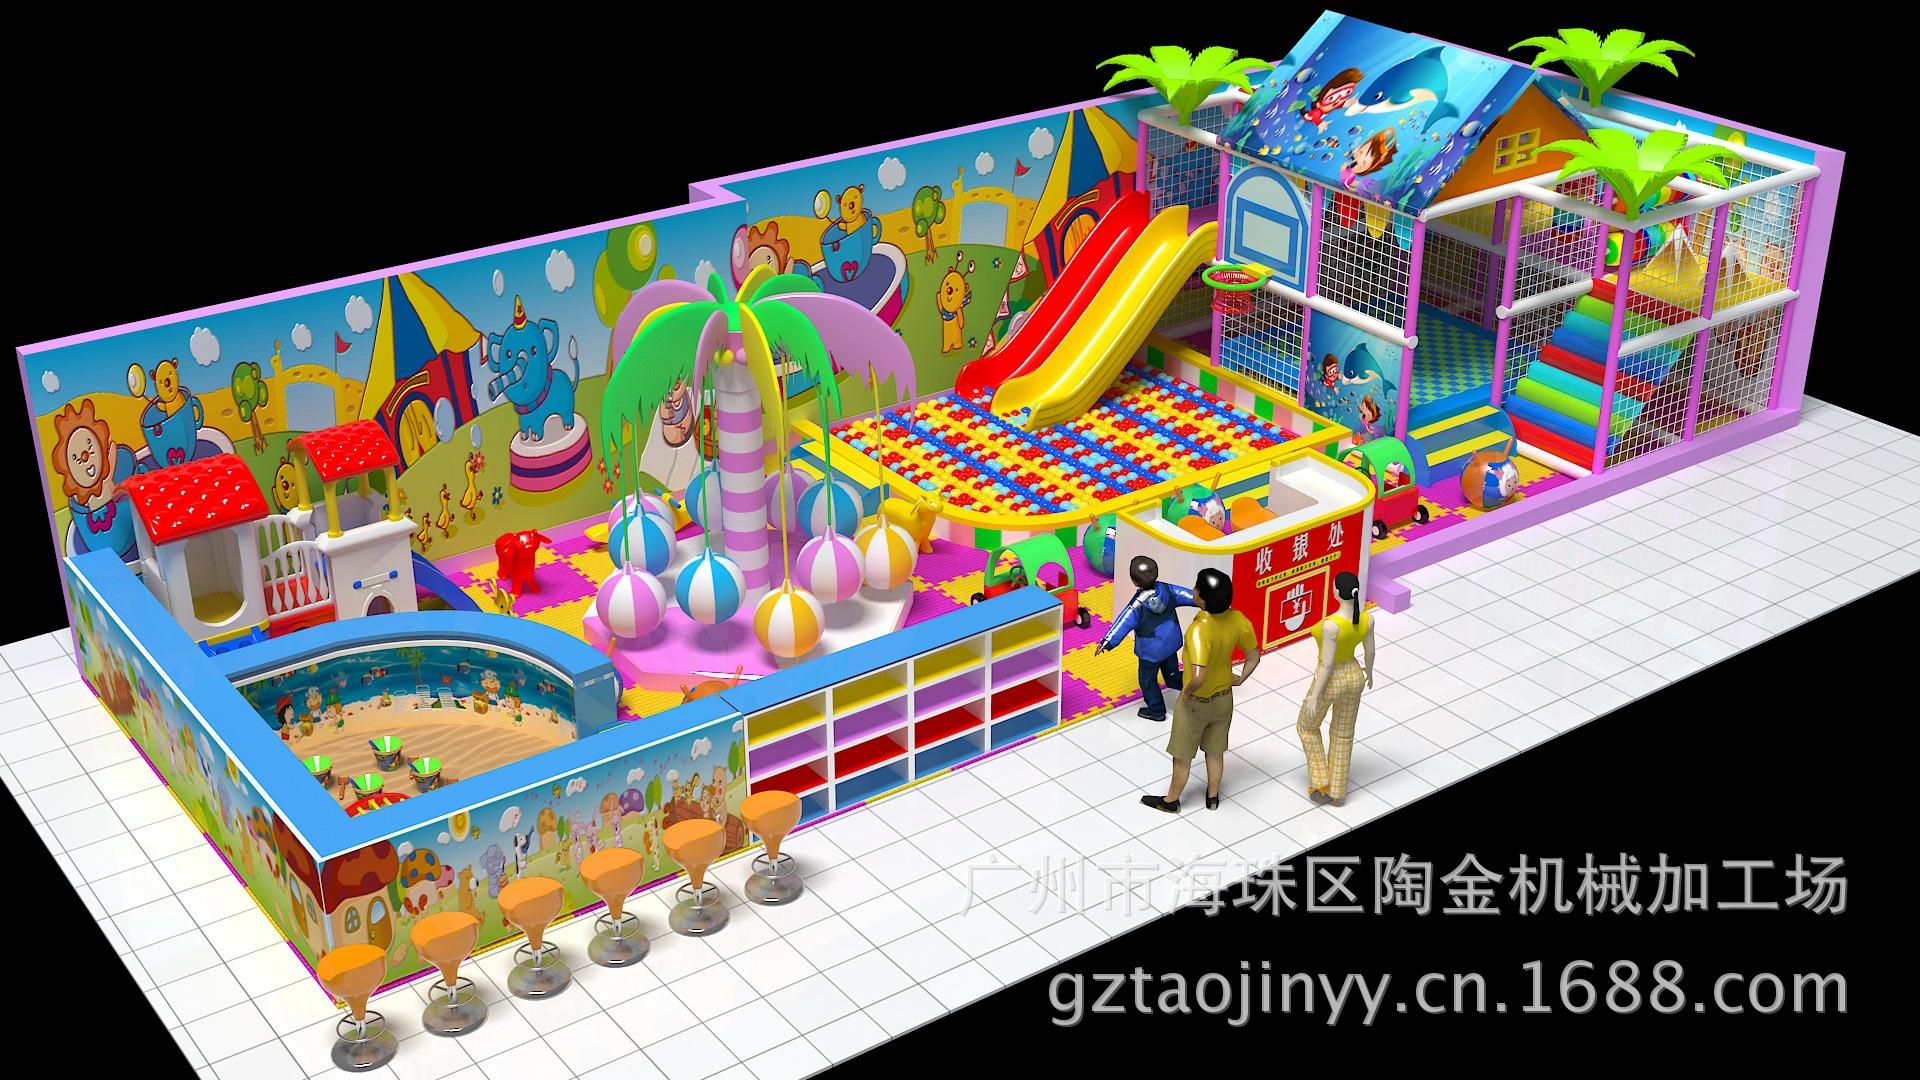 直销室内儿童游乐设施 电动淘气堡 游乐园设备 棉花屋 免费加盟